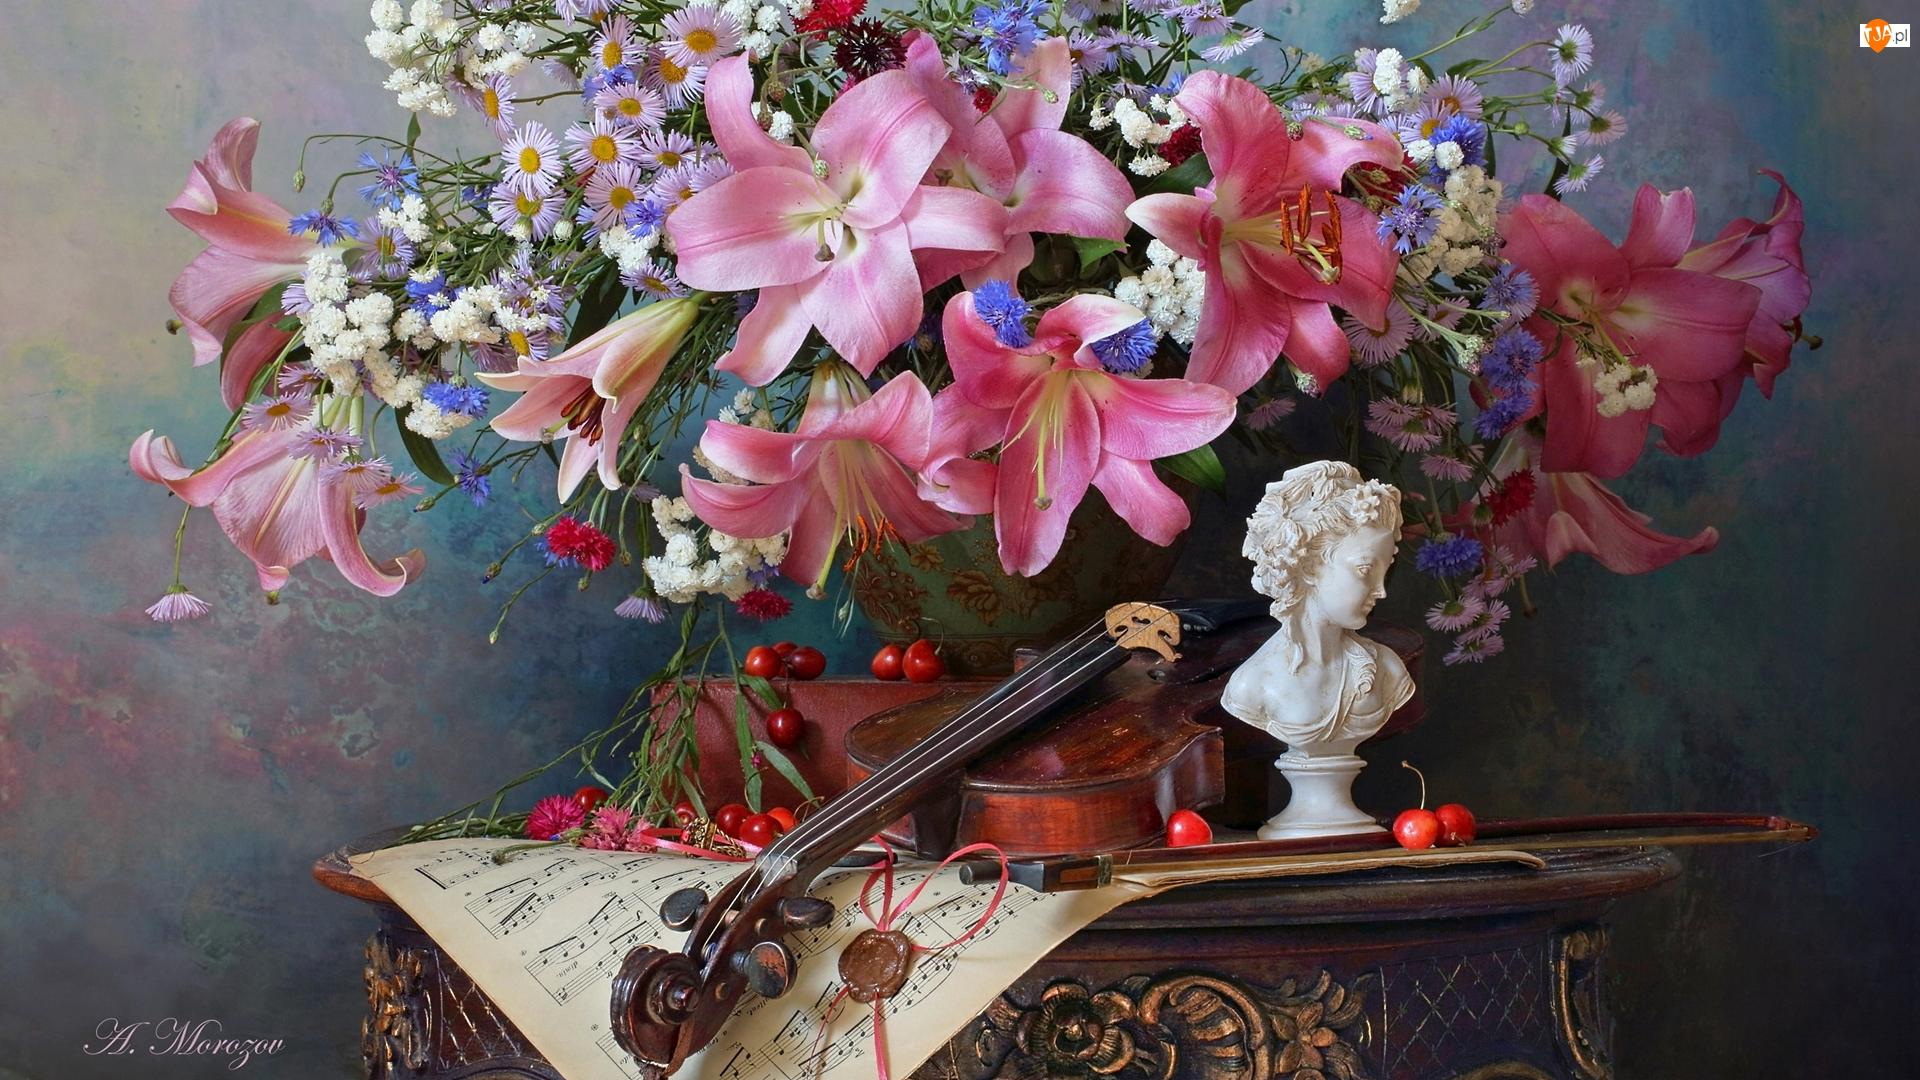 Lilie, Bukiet, Popiersie, Kompozycja, Nuty, Skrzypce, Kwiaty